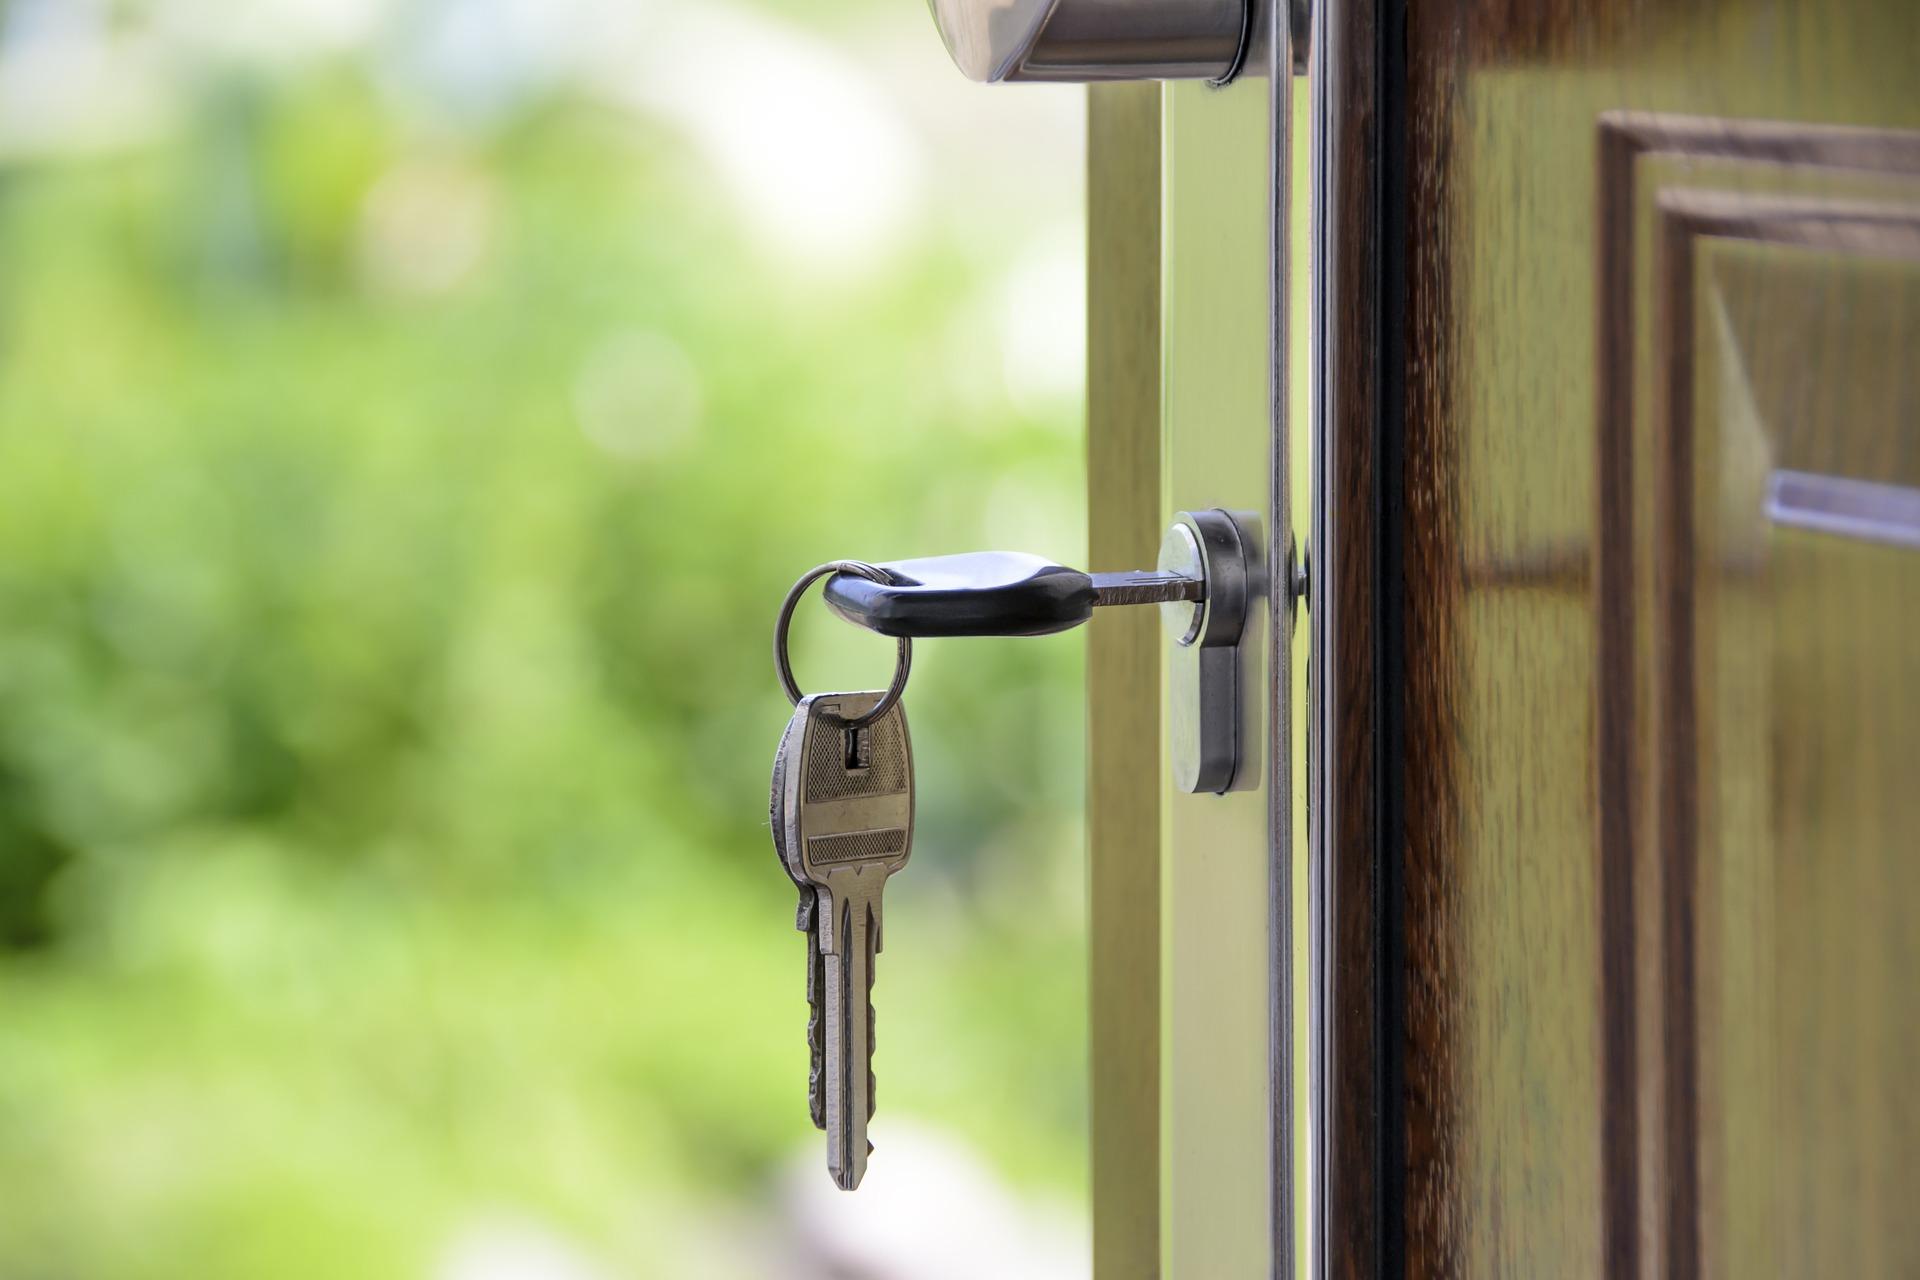 Help! The Tenants Took My Keys!